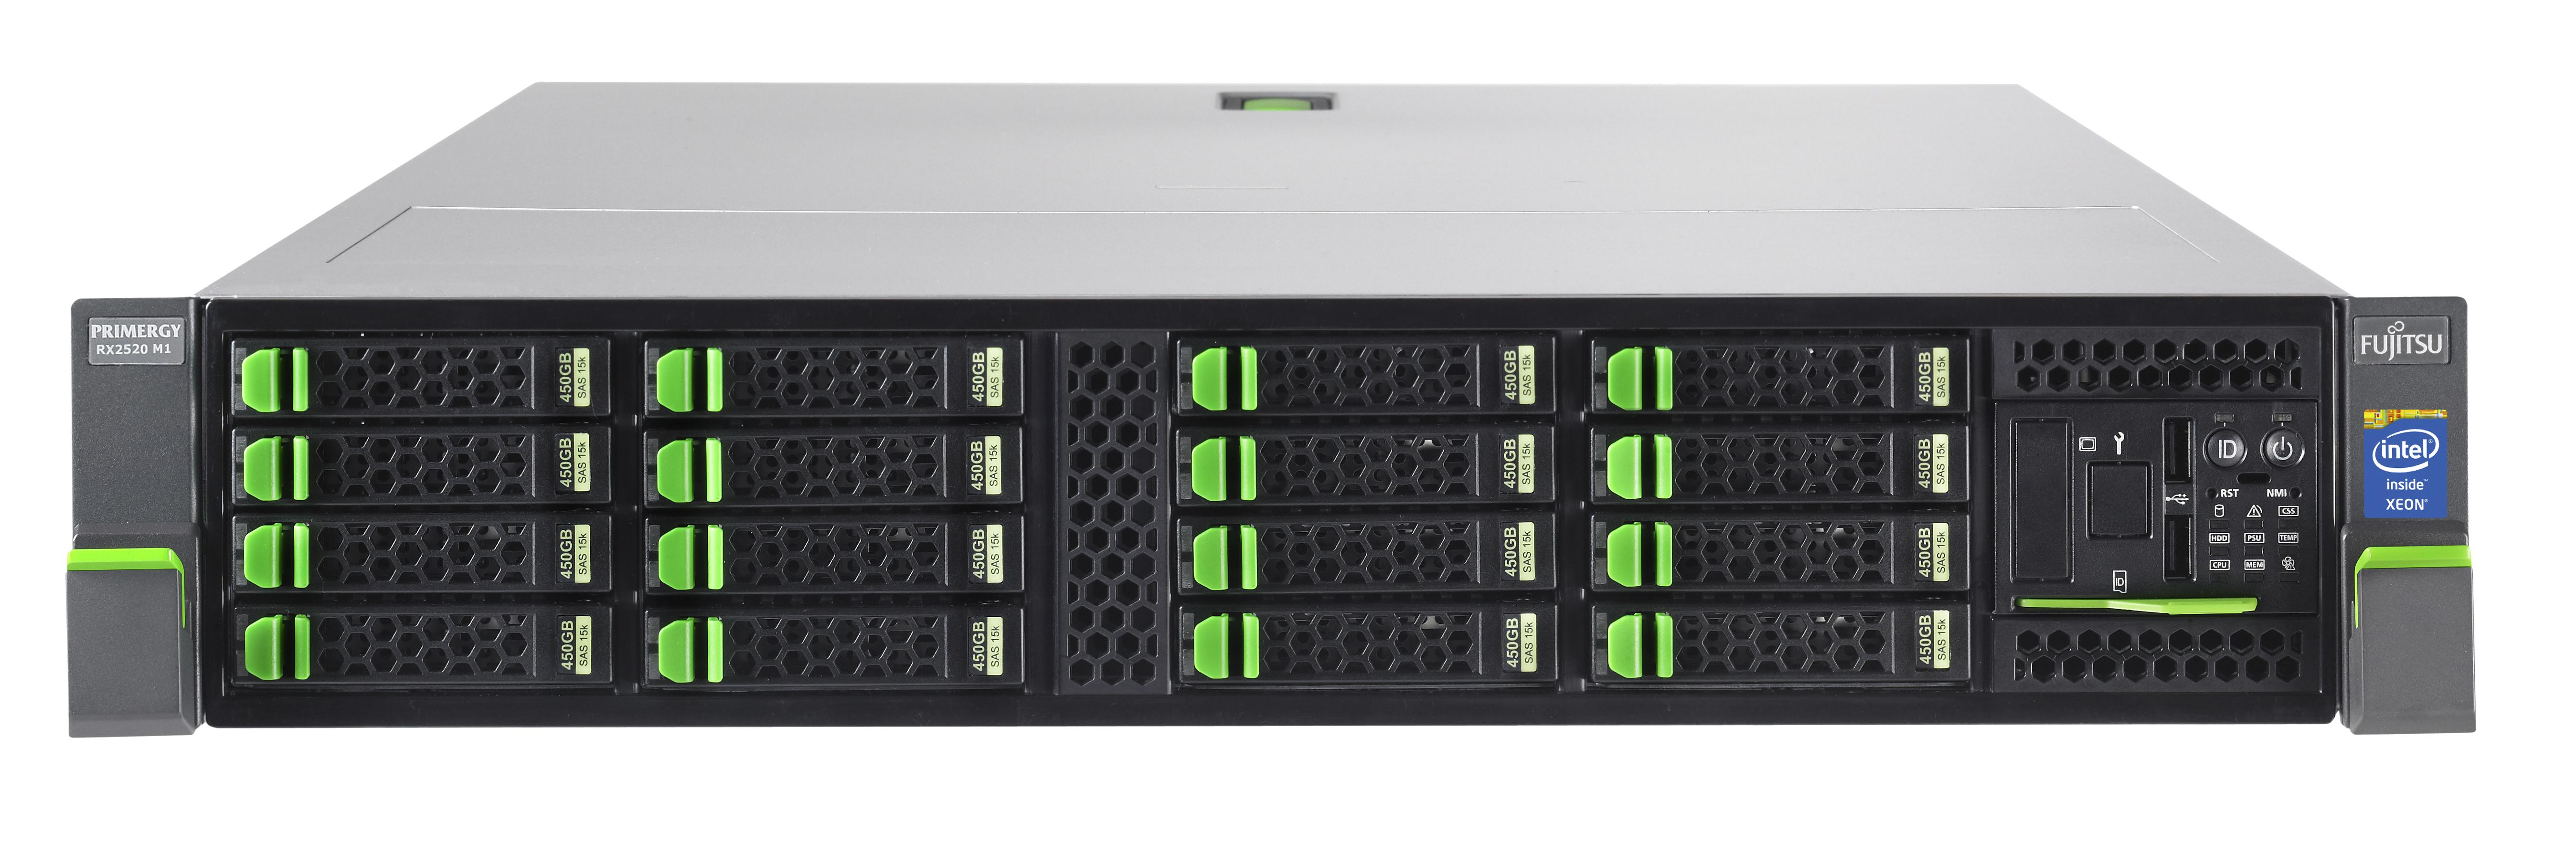 FUJITSU PRIMERGY RX2520M1 Xe E5-2420v2 2,2GHz 1x8GB DDR3-1600 w/oHDD SAS/SATA 6,4cm 2,5Zoll RAID Ctrl SAS 5/6 512MB DVD 1x450W 3JVOS